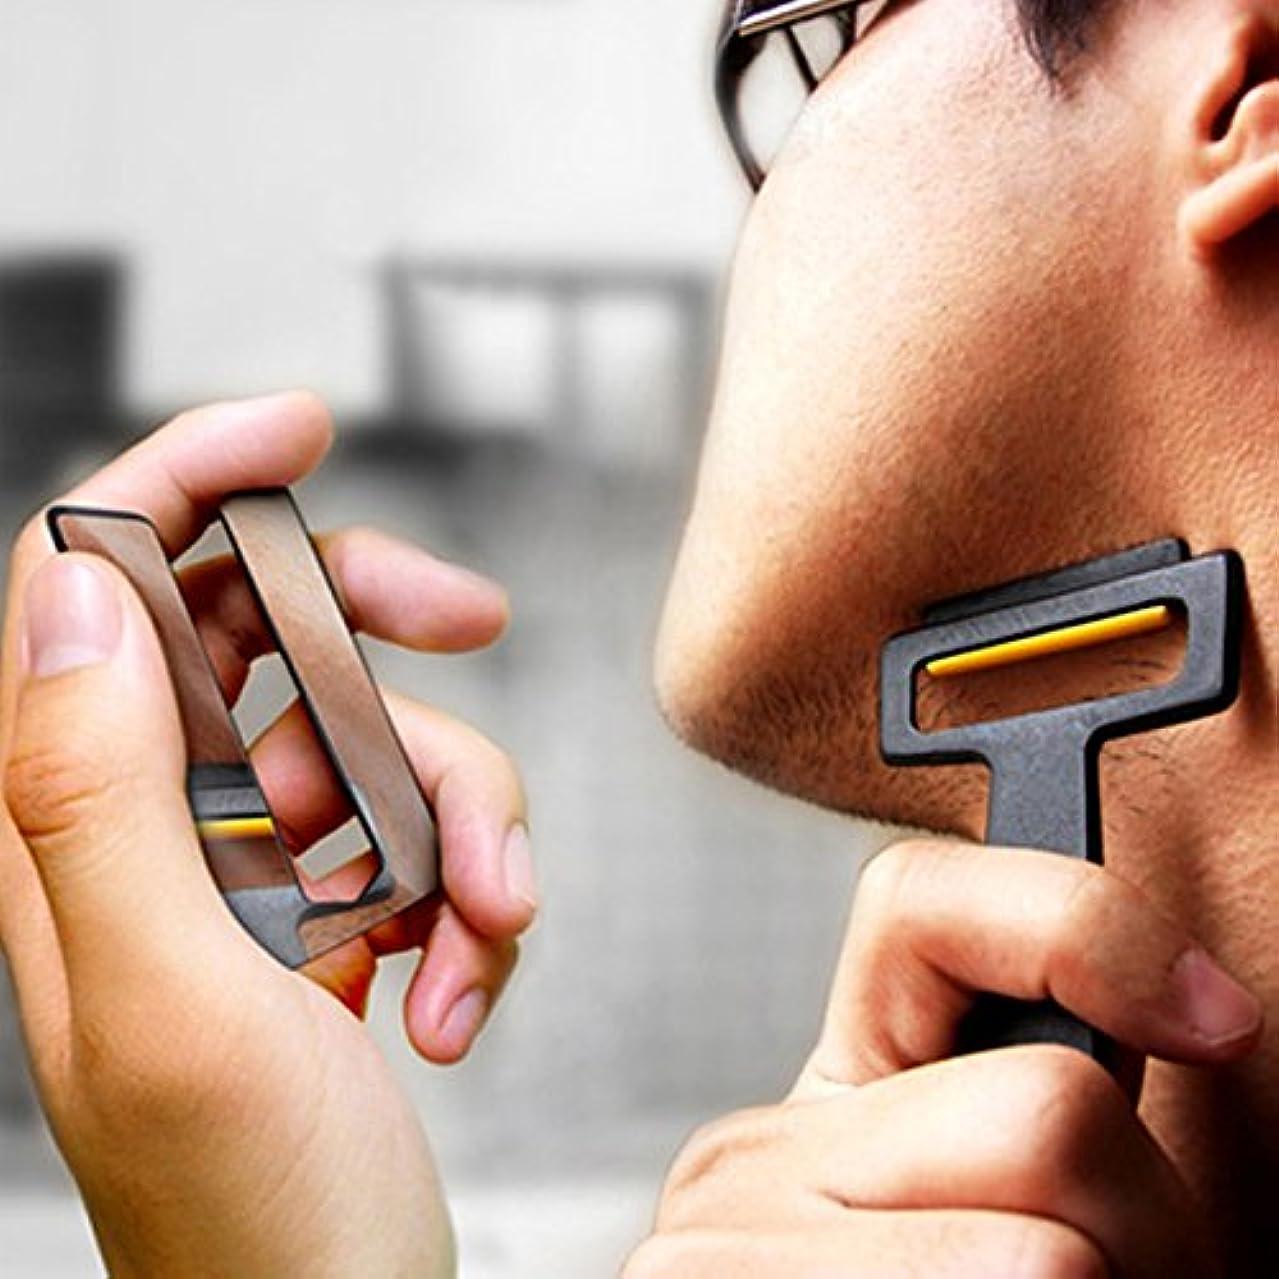 放射性リブ起きろPogass Carzor 3 In 1 Card設計された財布ミニかみそりビードポータブルひげ剃りミラースタンドキット